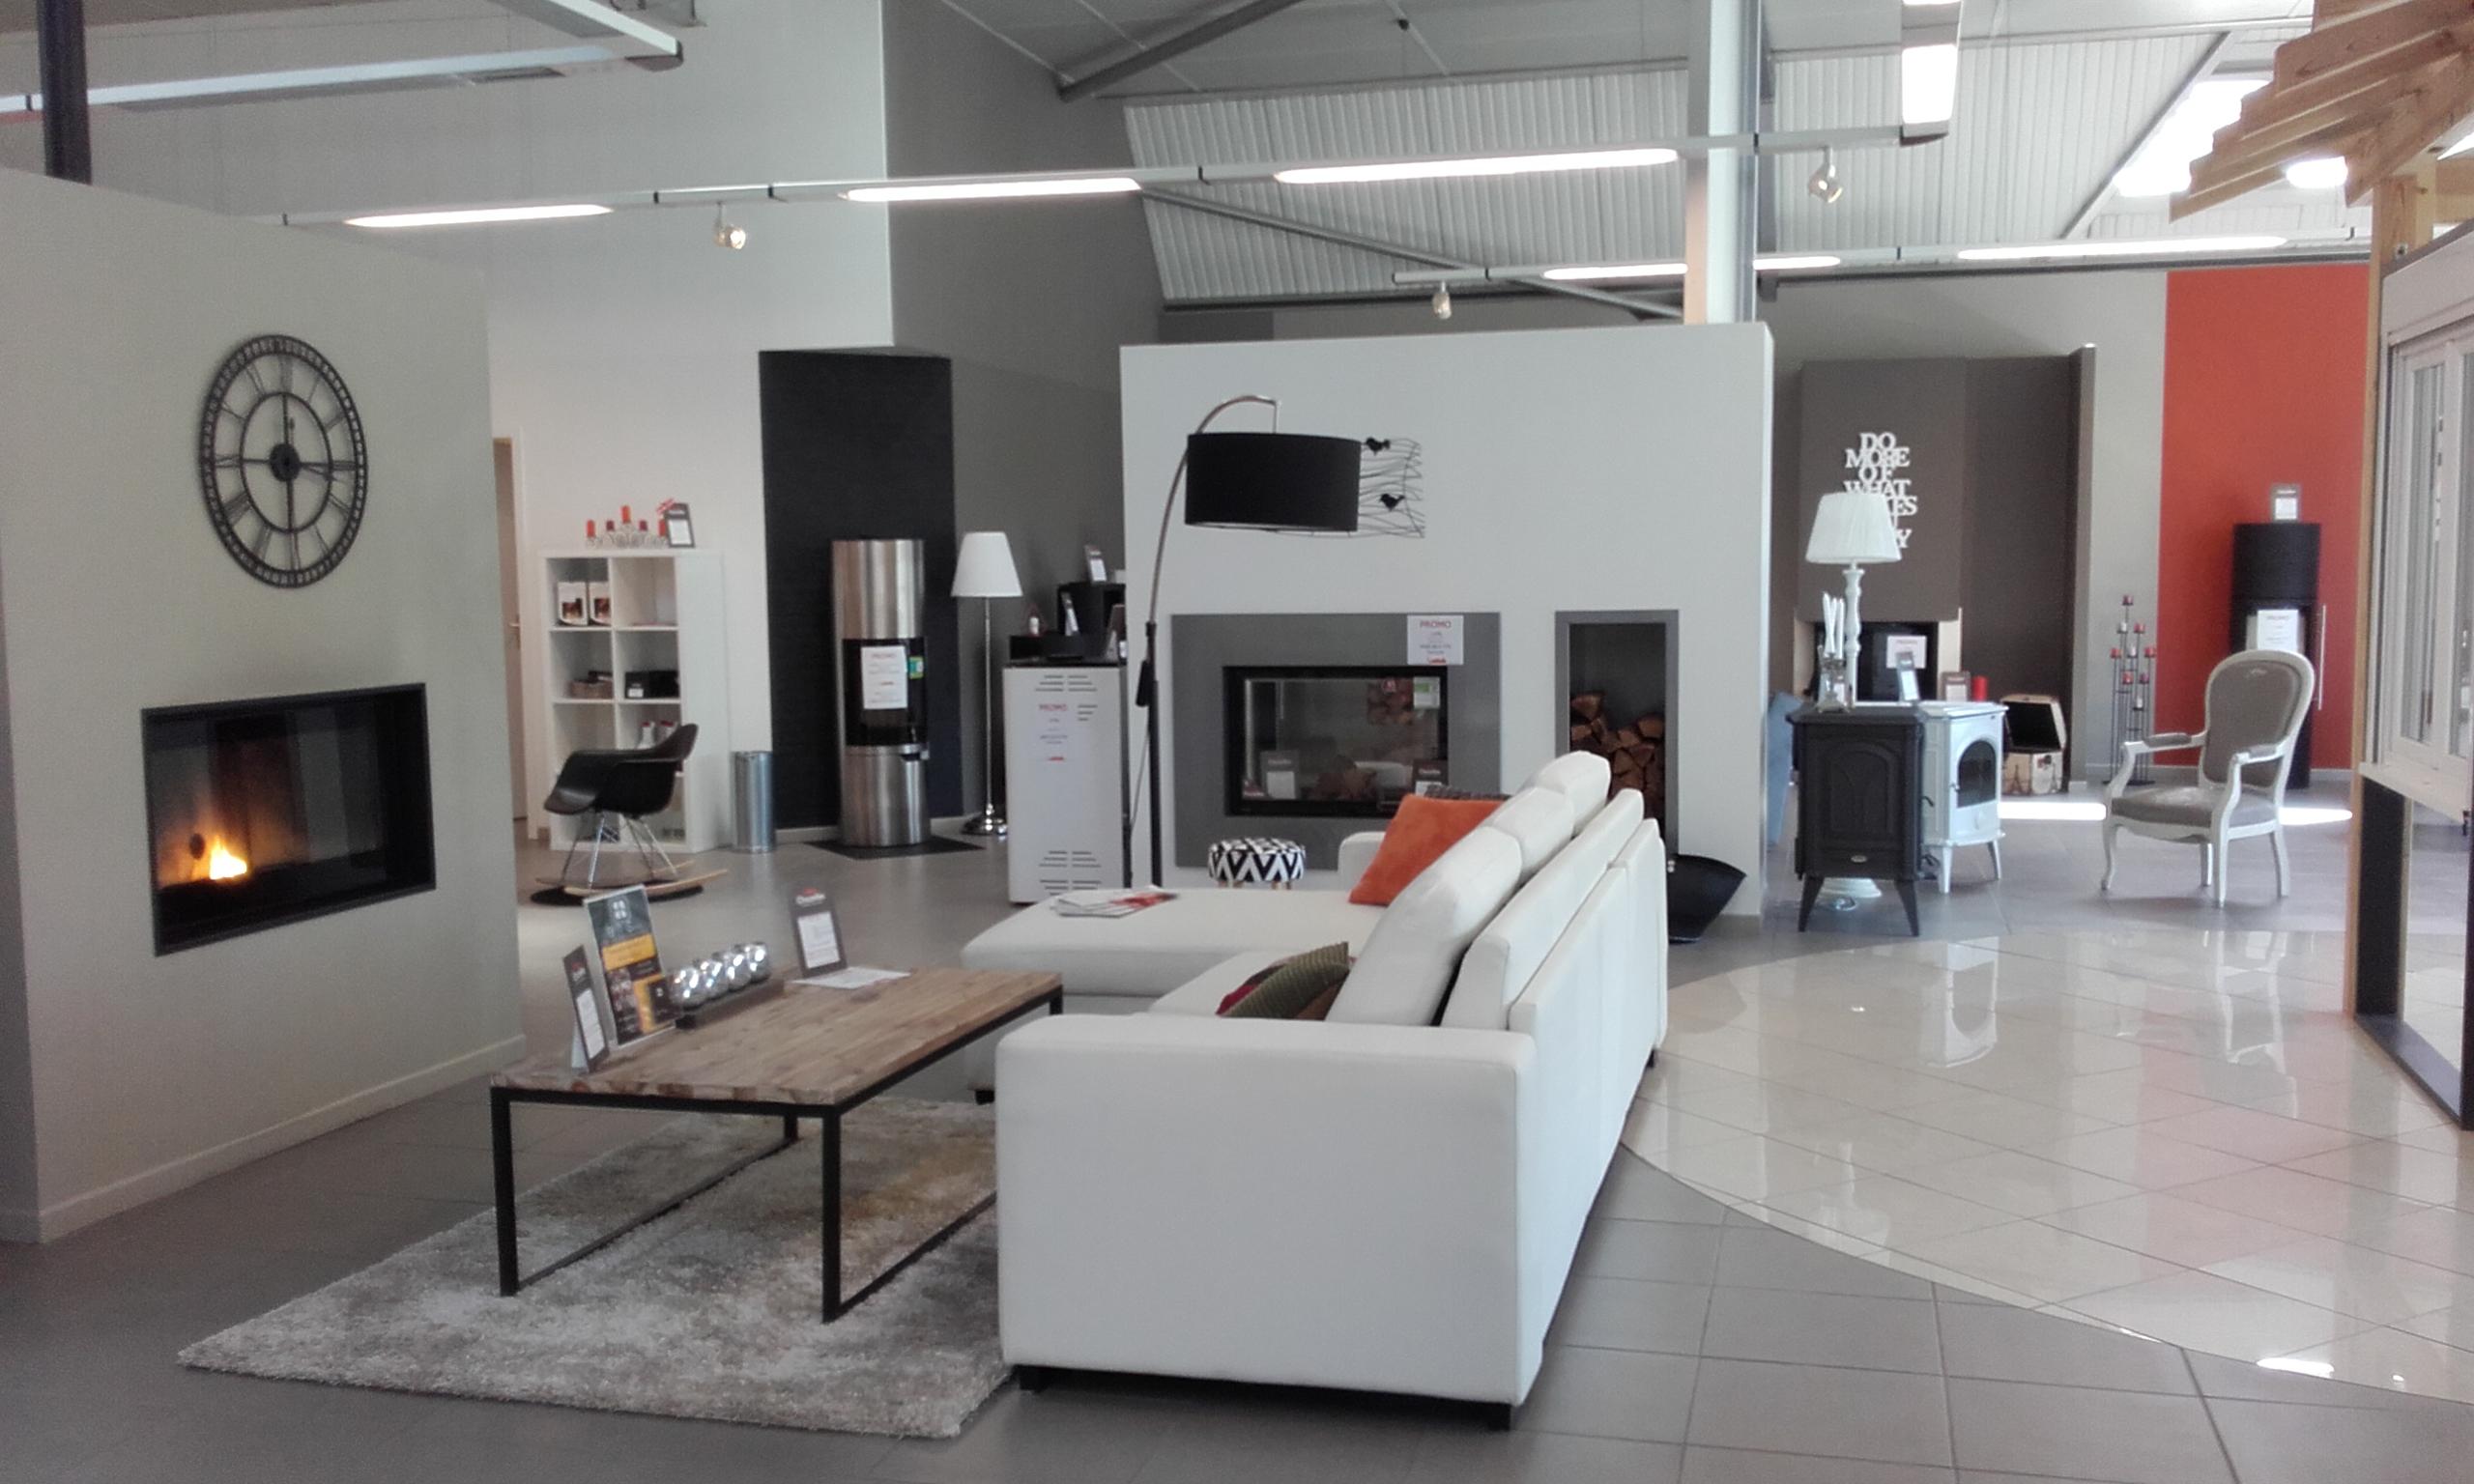 Nous vous accompagnons dans le choix de votre cheminée afin d'améliorer le confort de votre domicile...